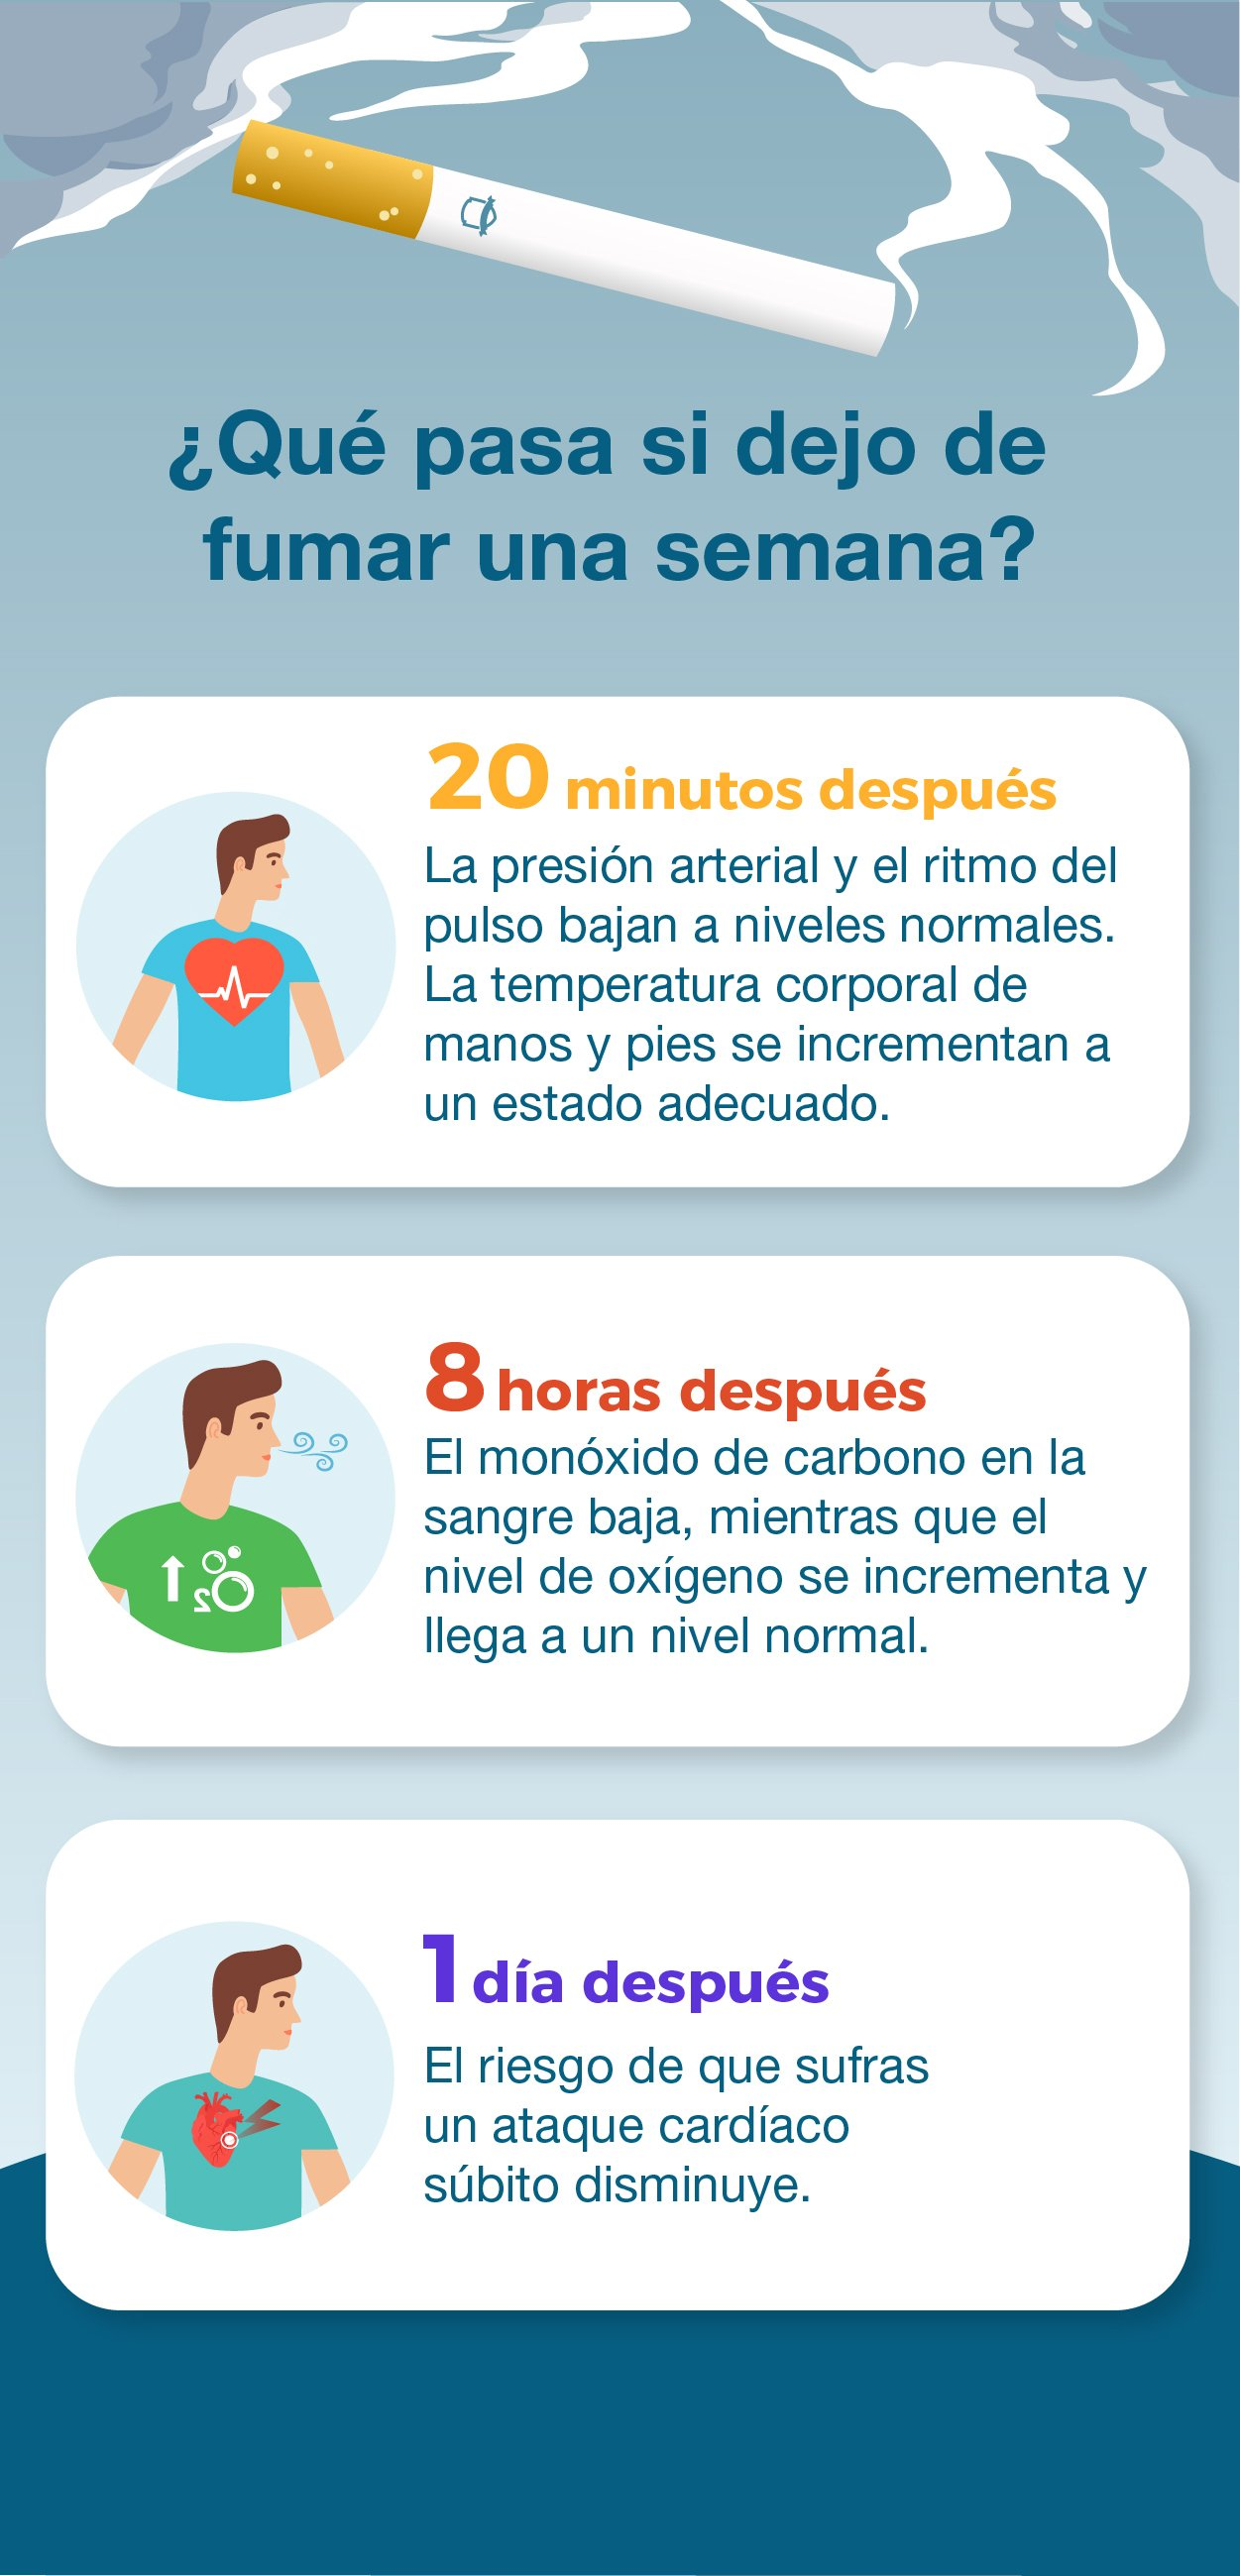 dejar de fumar beneficios rápidos